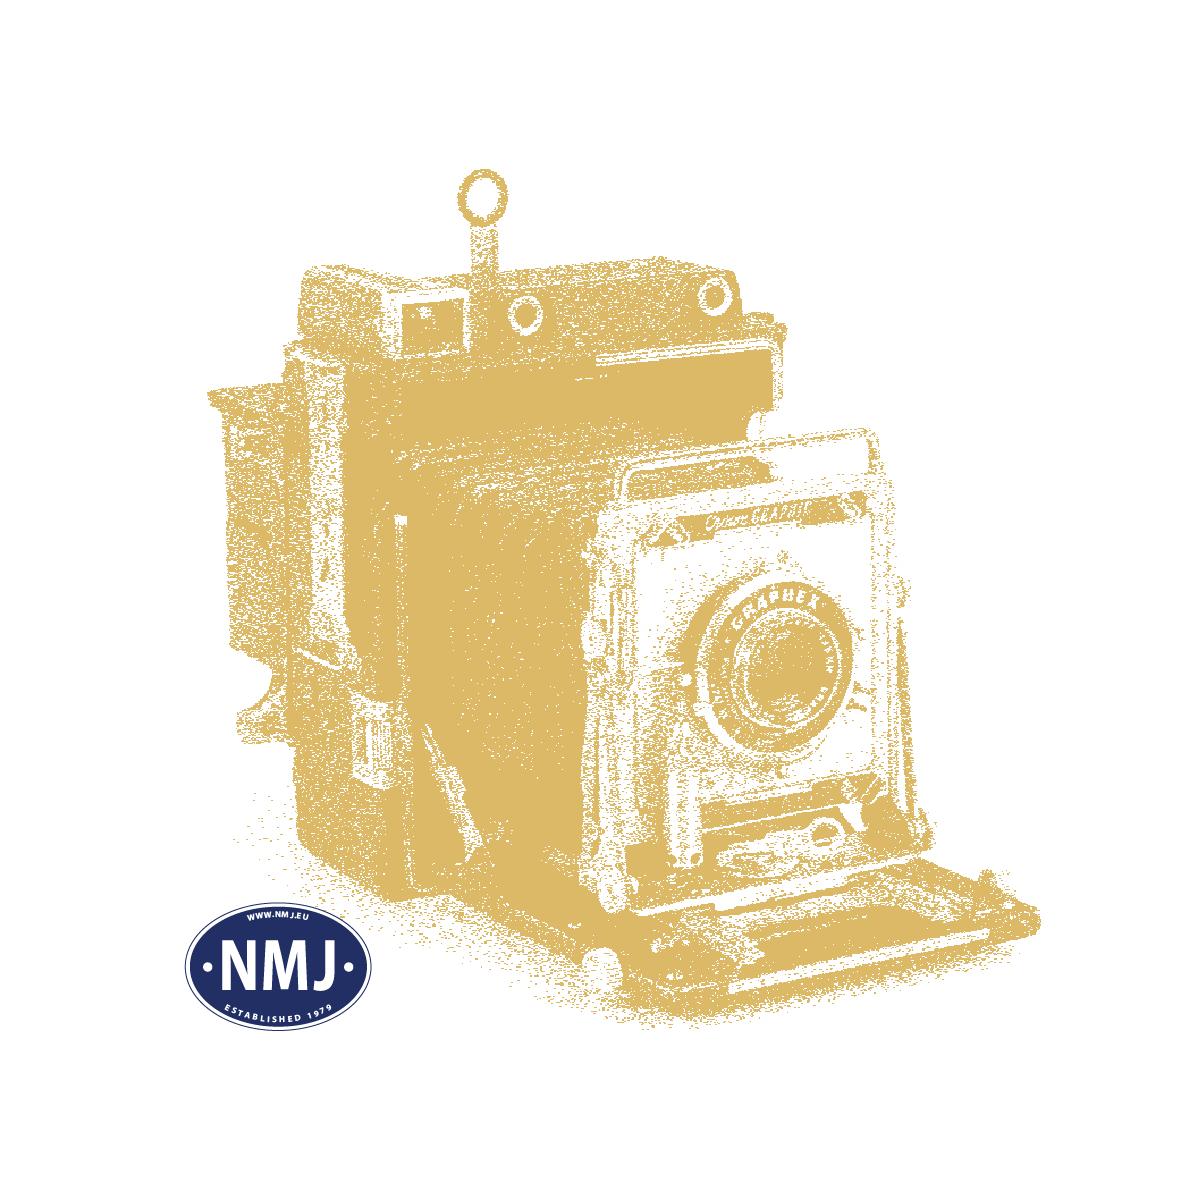 NMJT133.201 - NMJ Topline NSB BF10 21509, Mellomdesign